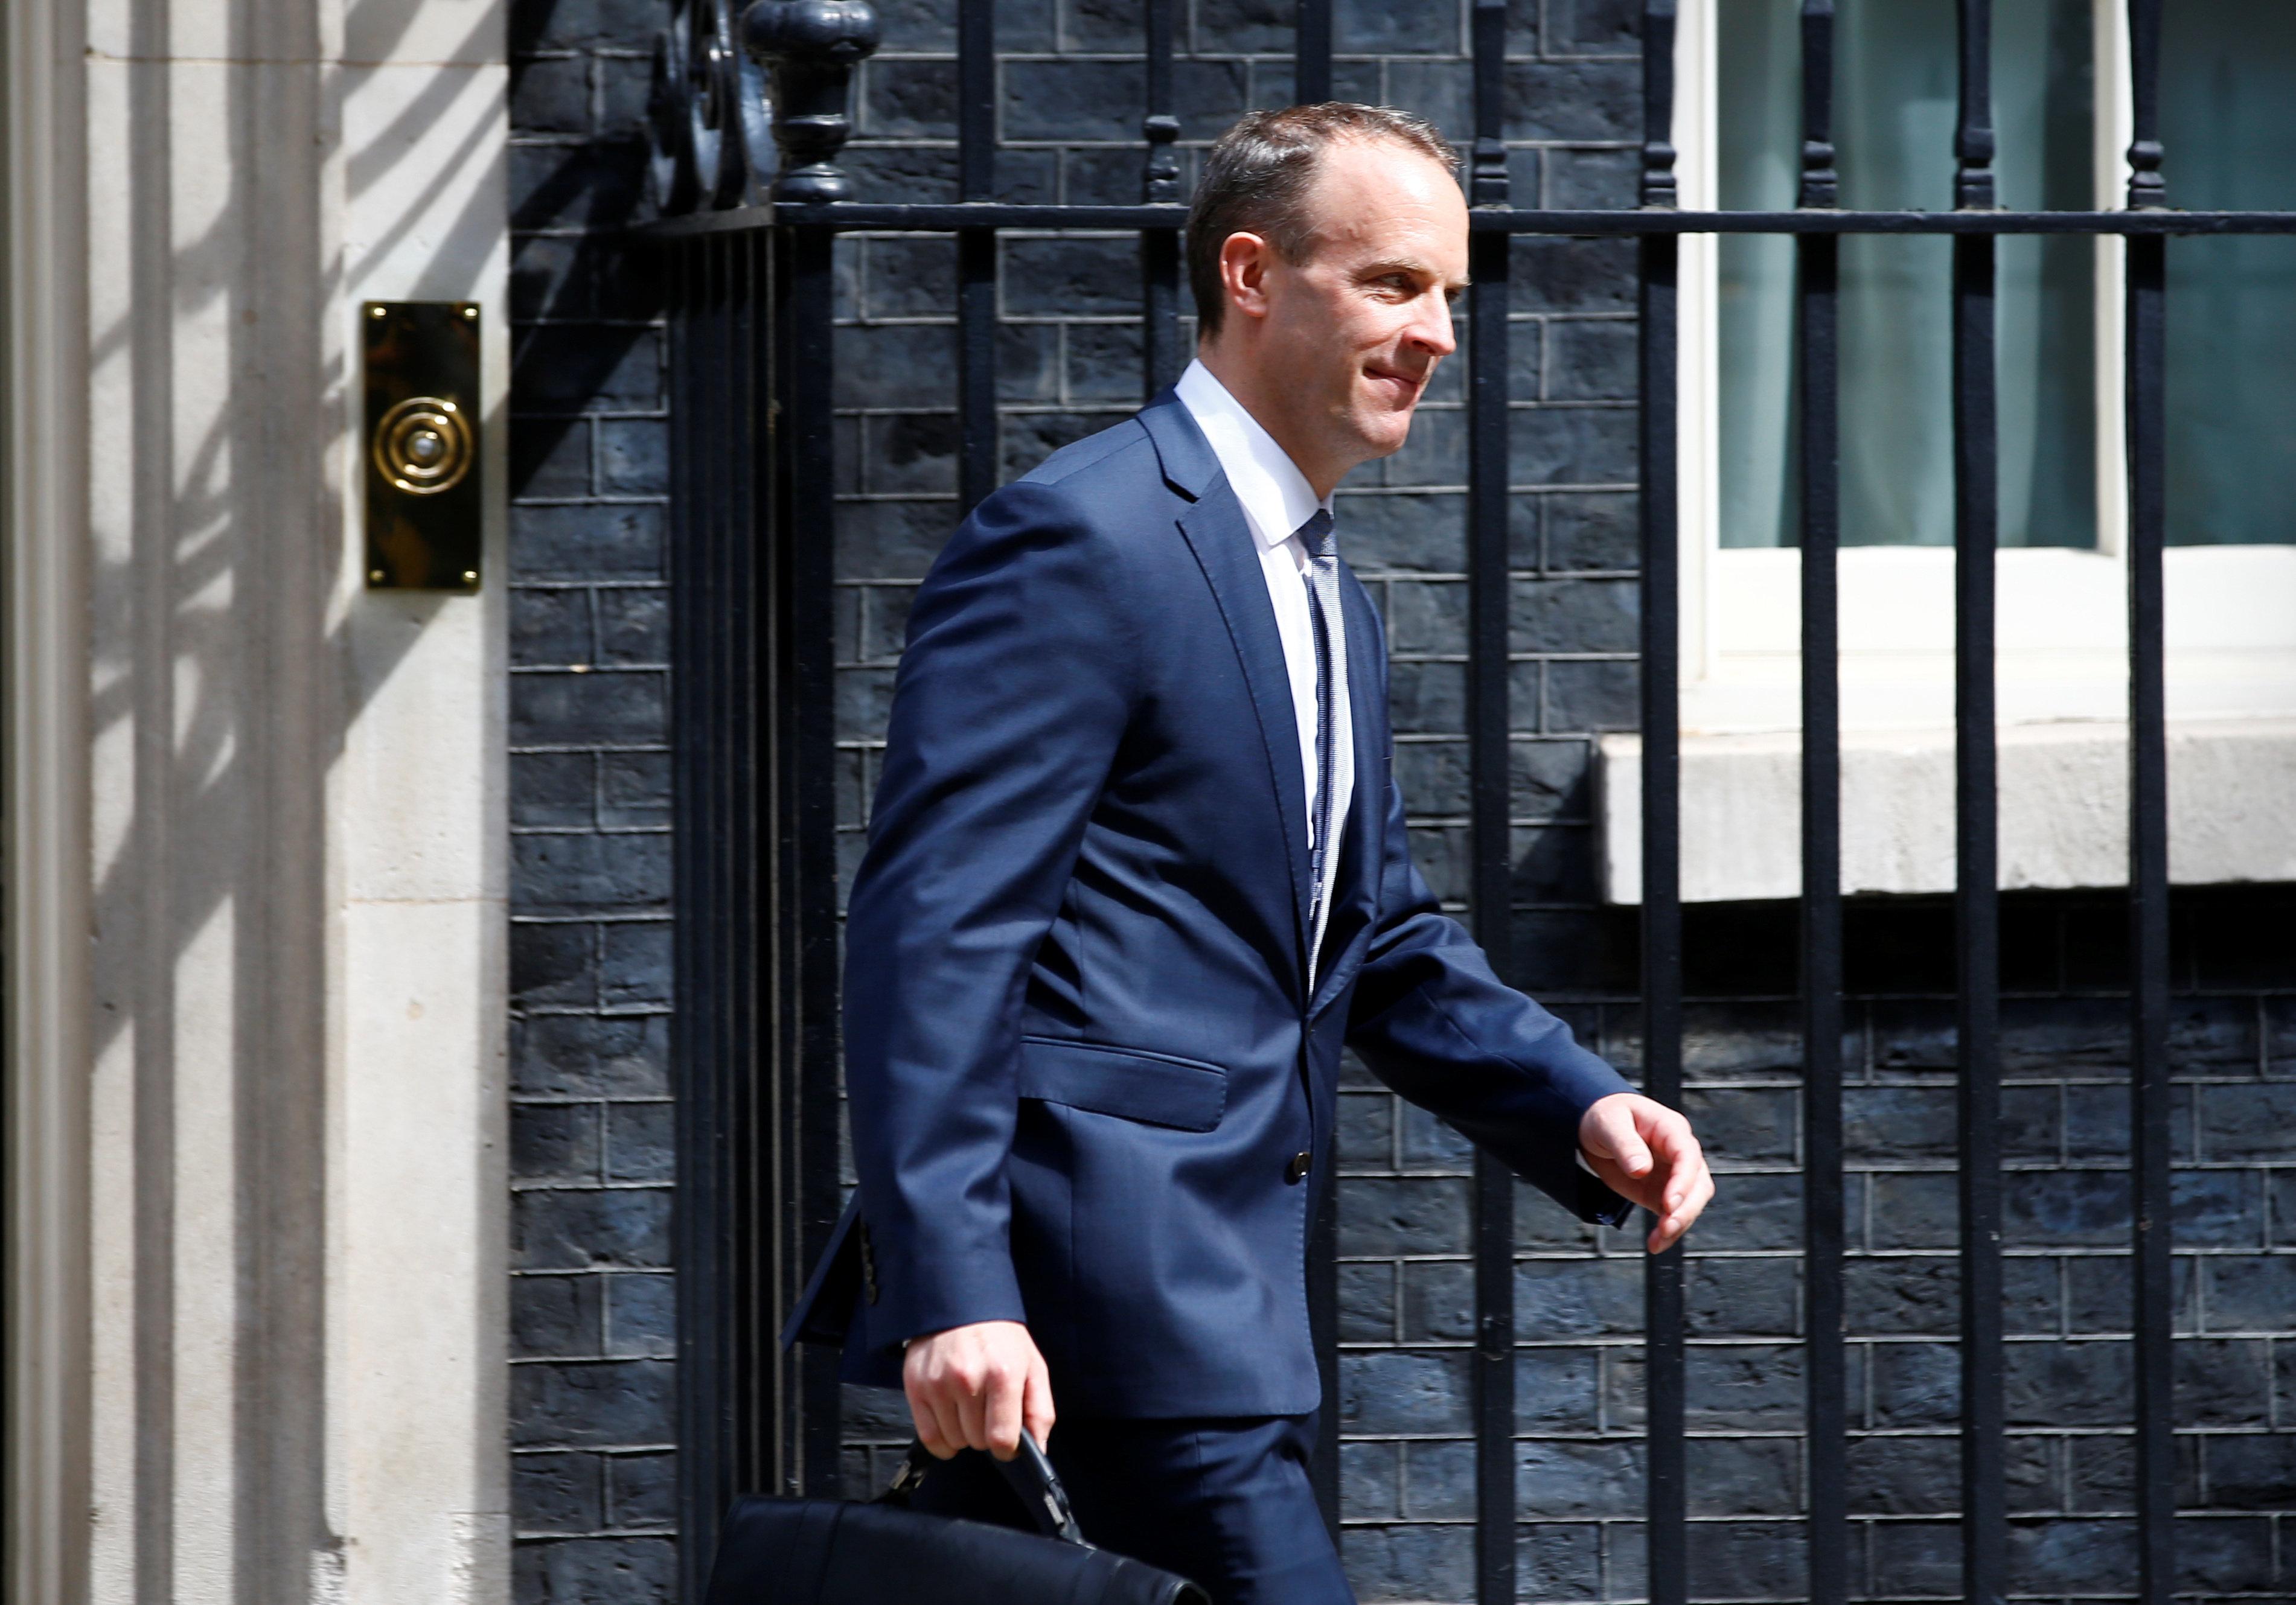 Νέος υπουργός για το Brexit διορίστηκε ο Ντομινίκ